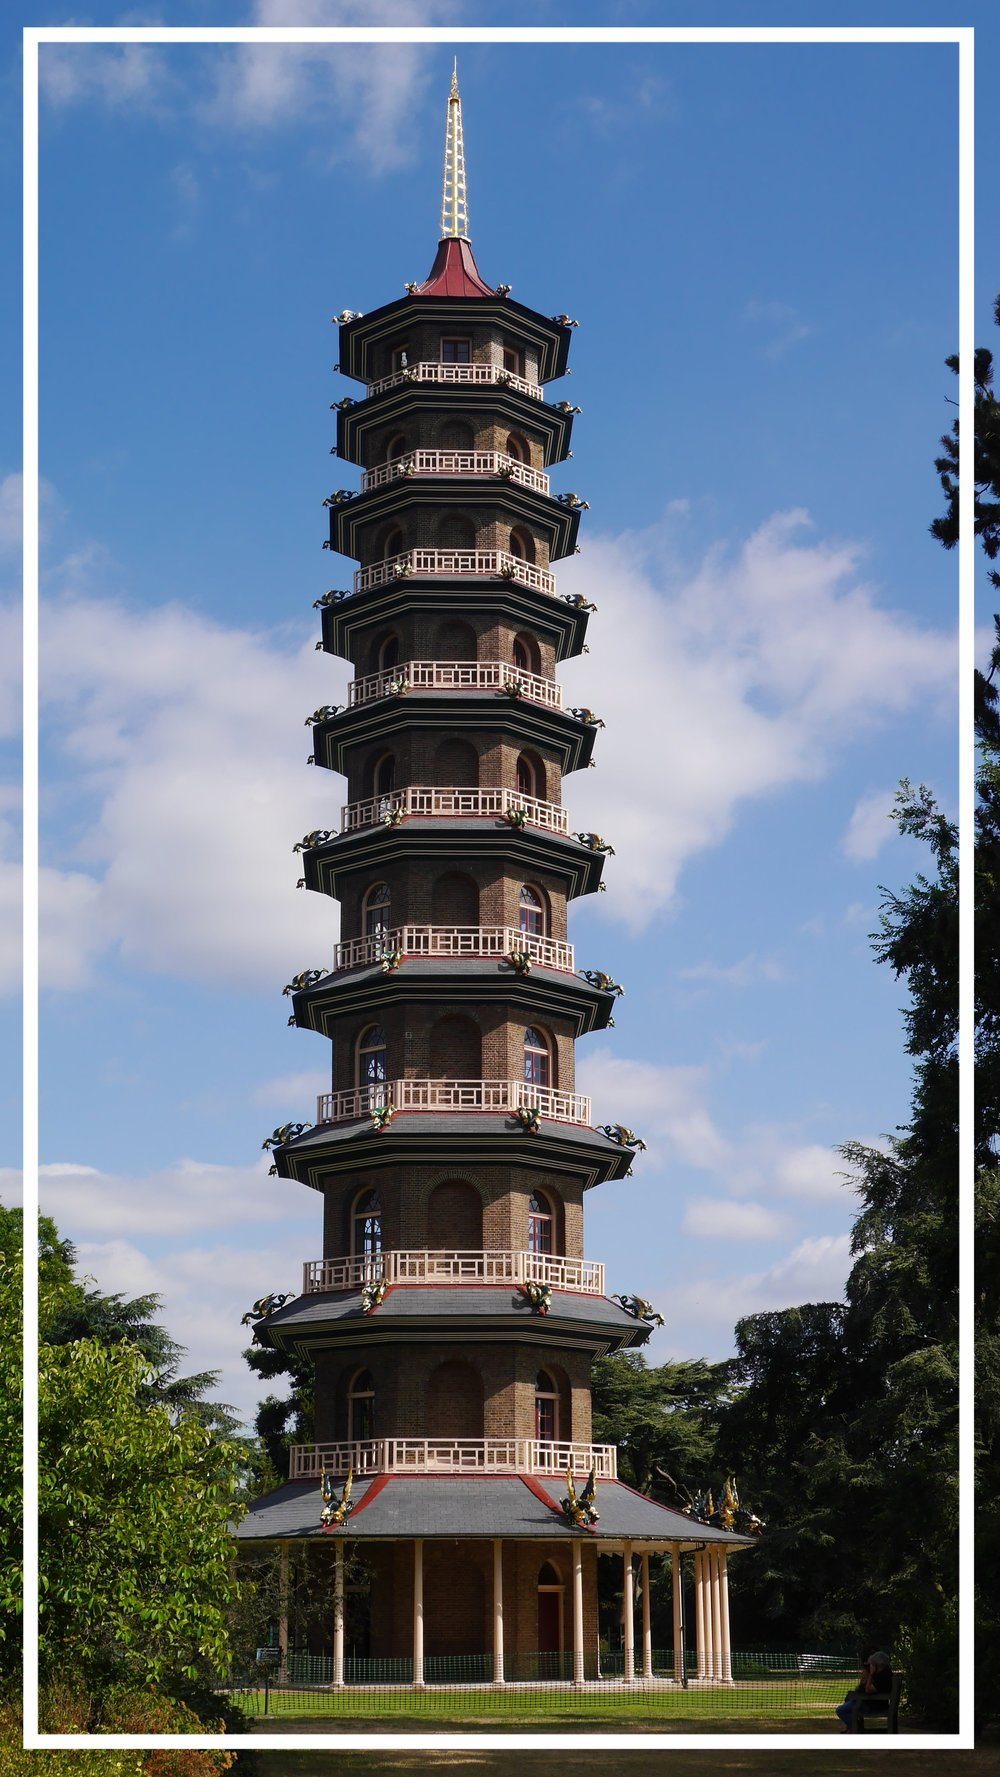 Dragon-adorned Pagoda, Kew Gardens, Richmond © HD Grzywnowicz, 2018